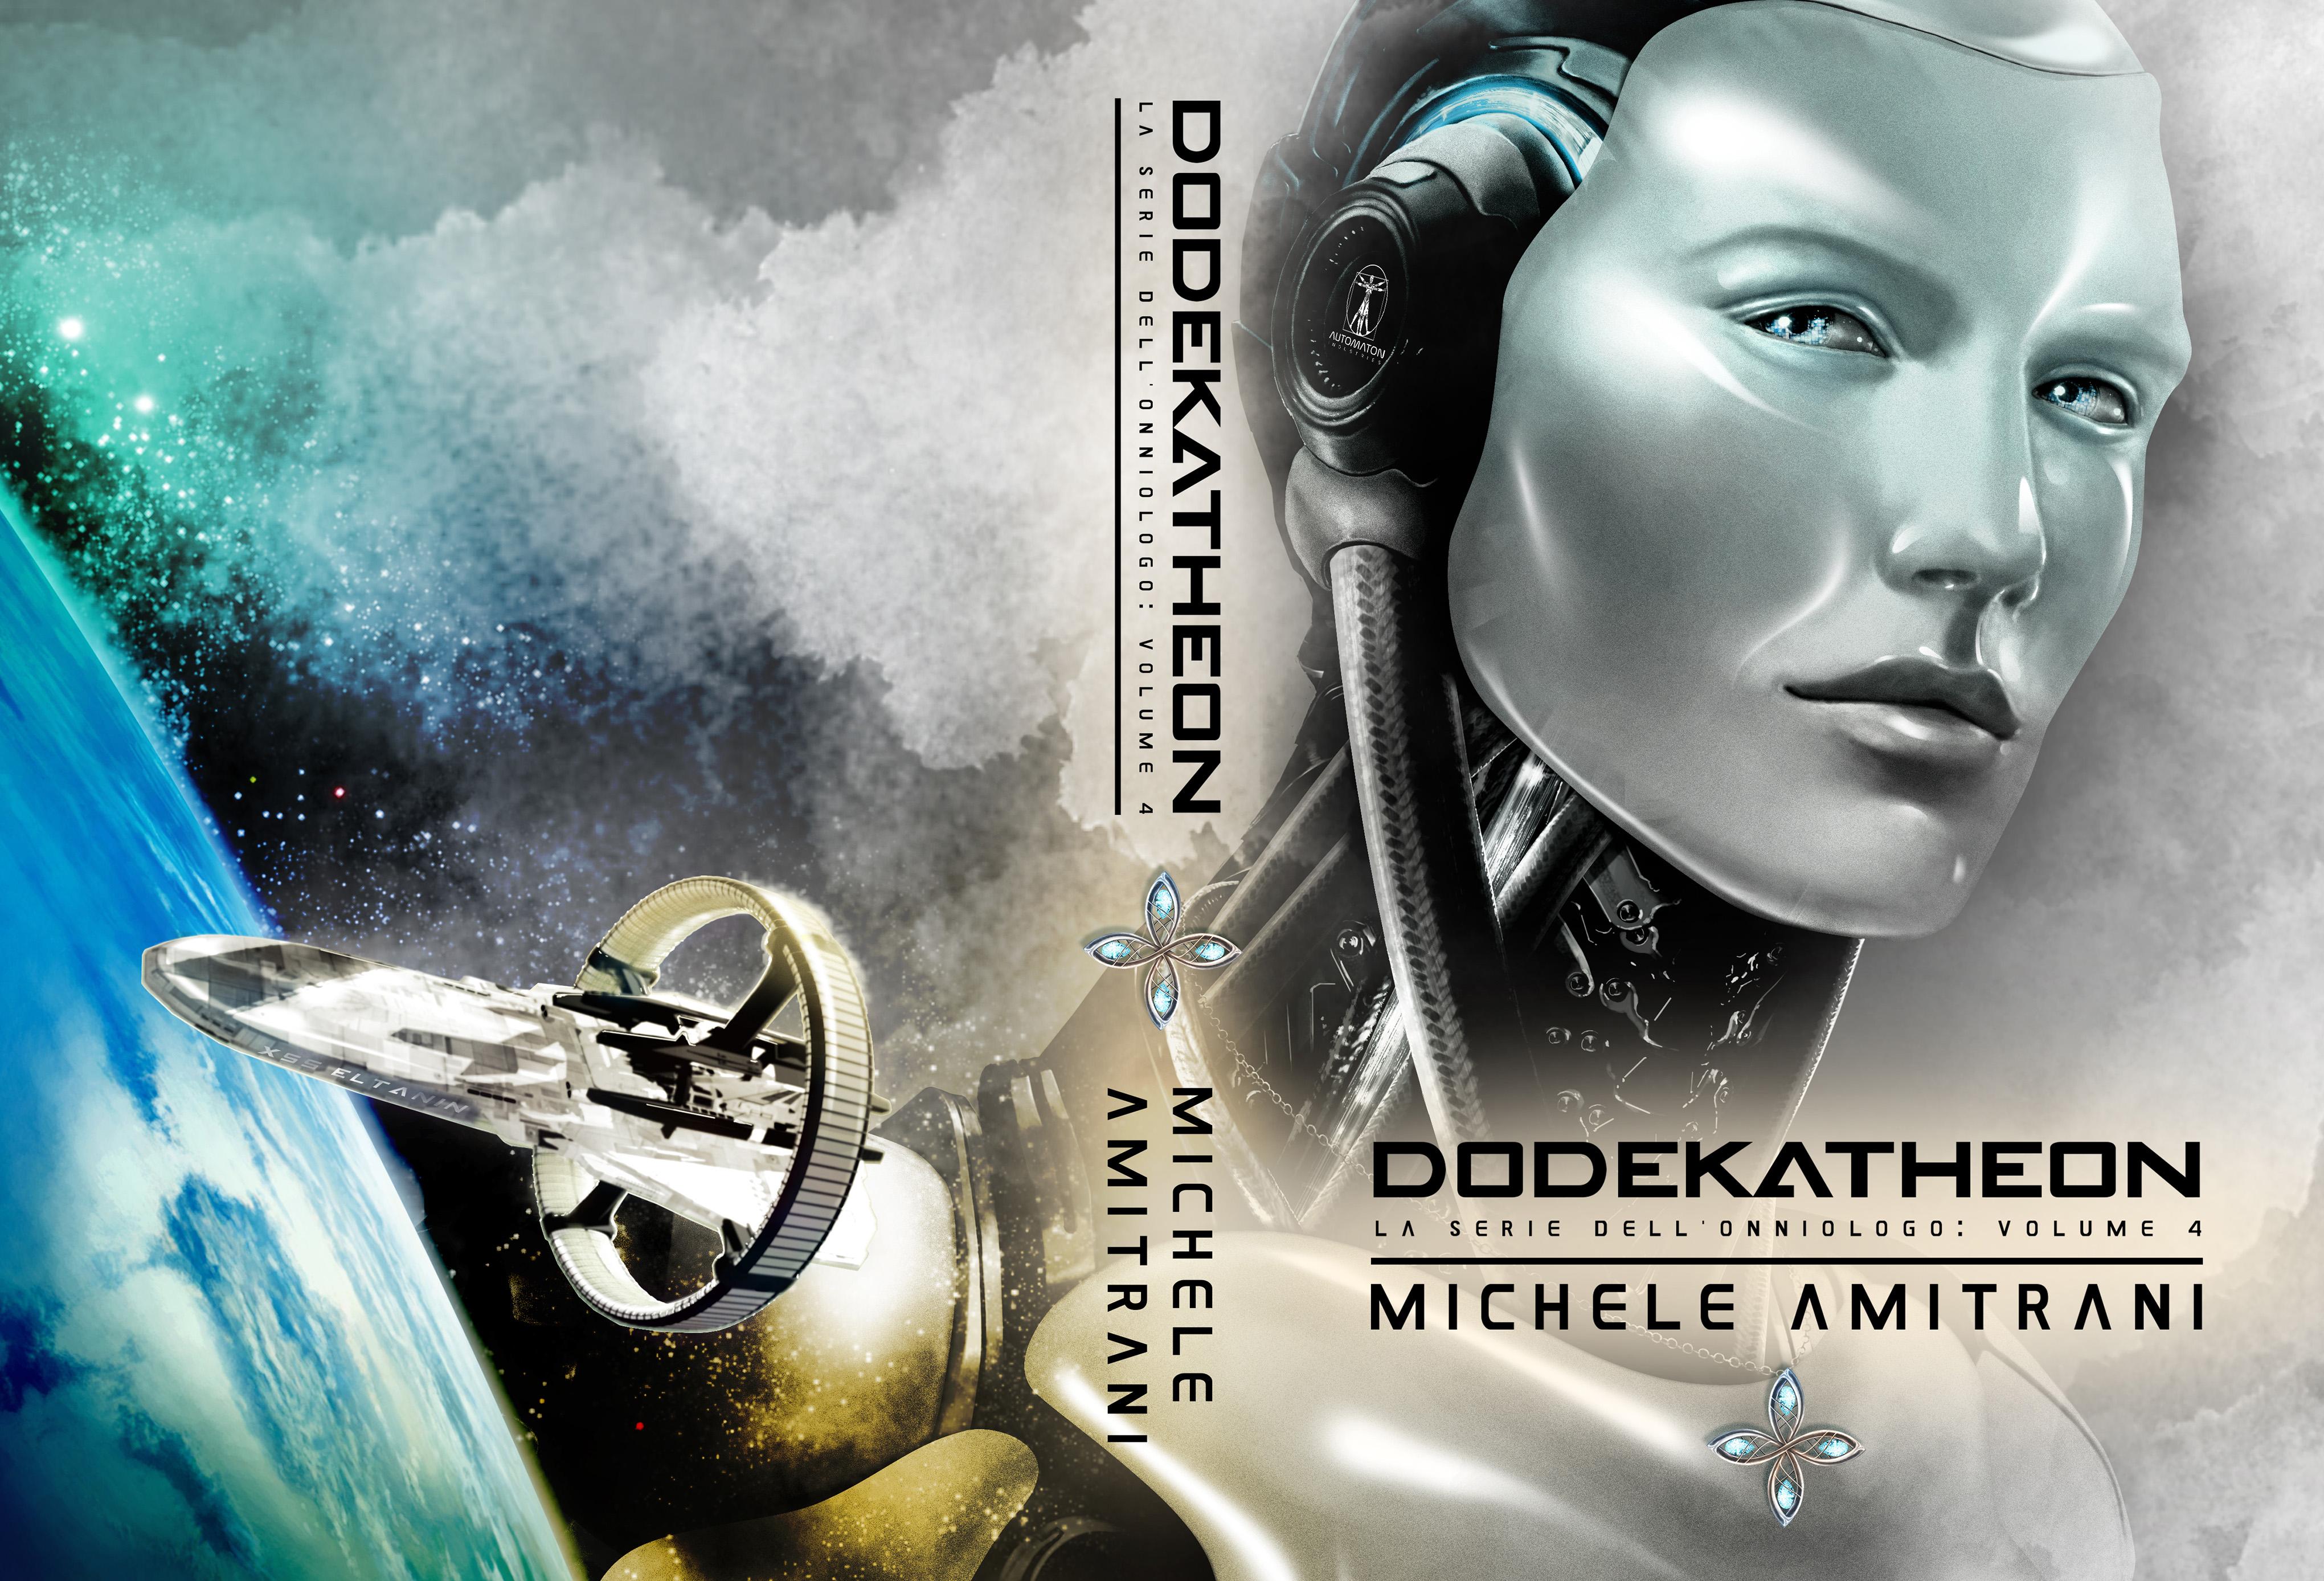 Dodekatheon: ecco la copertina in esclusiva del 4° capitolo dell'Onniologo